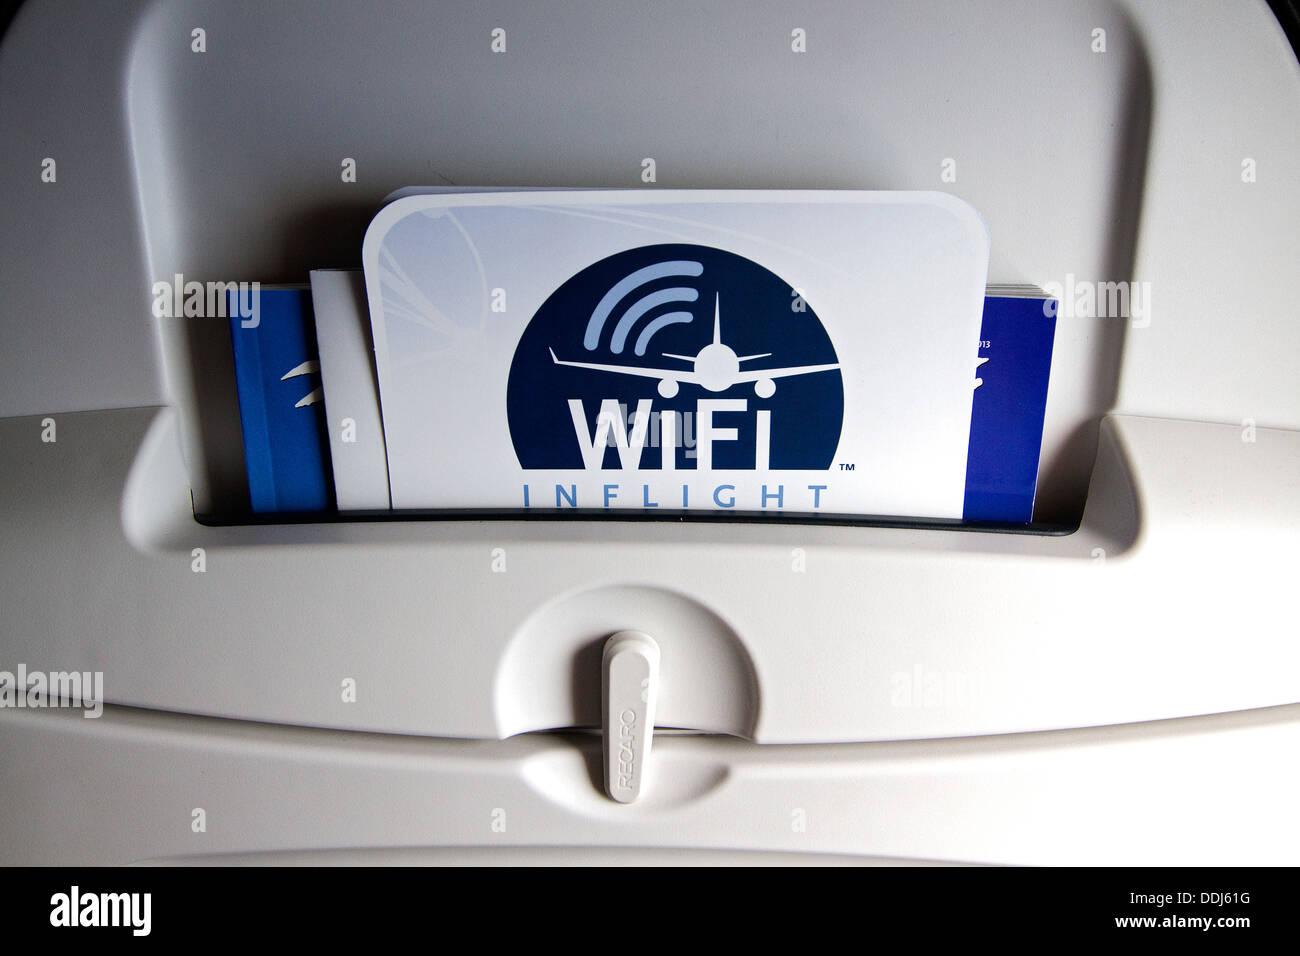 WiFi a bordo anunciados en la parte posterior del asiento del avión. WiFi la próxima generación de Imagen De Stock